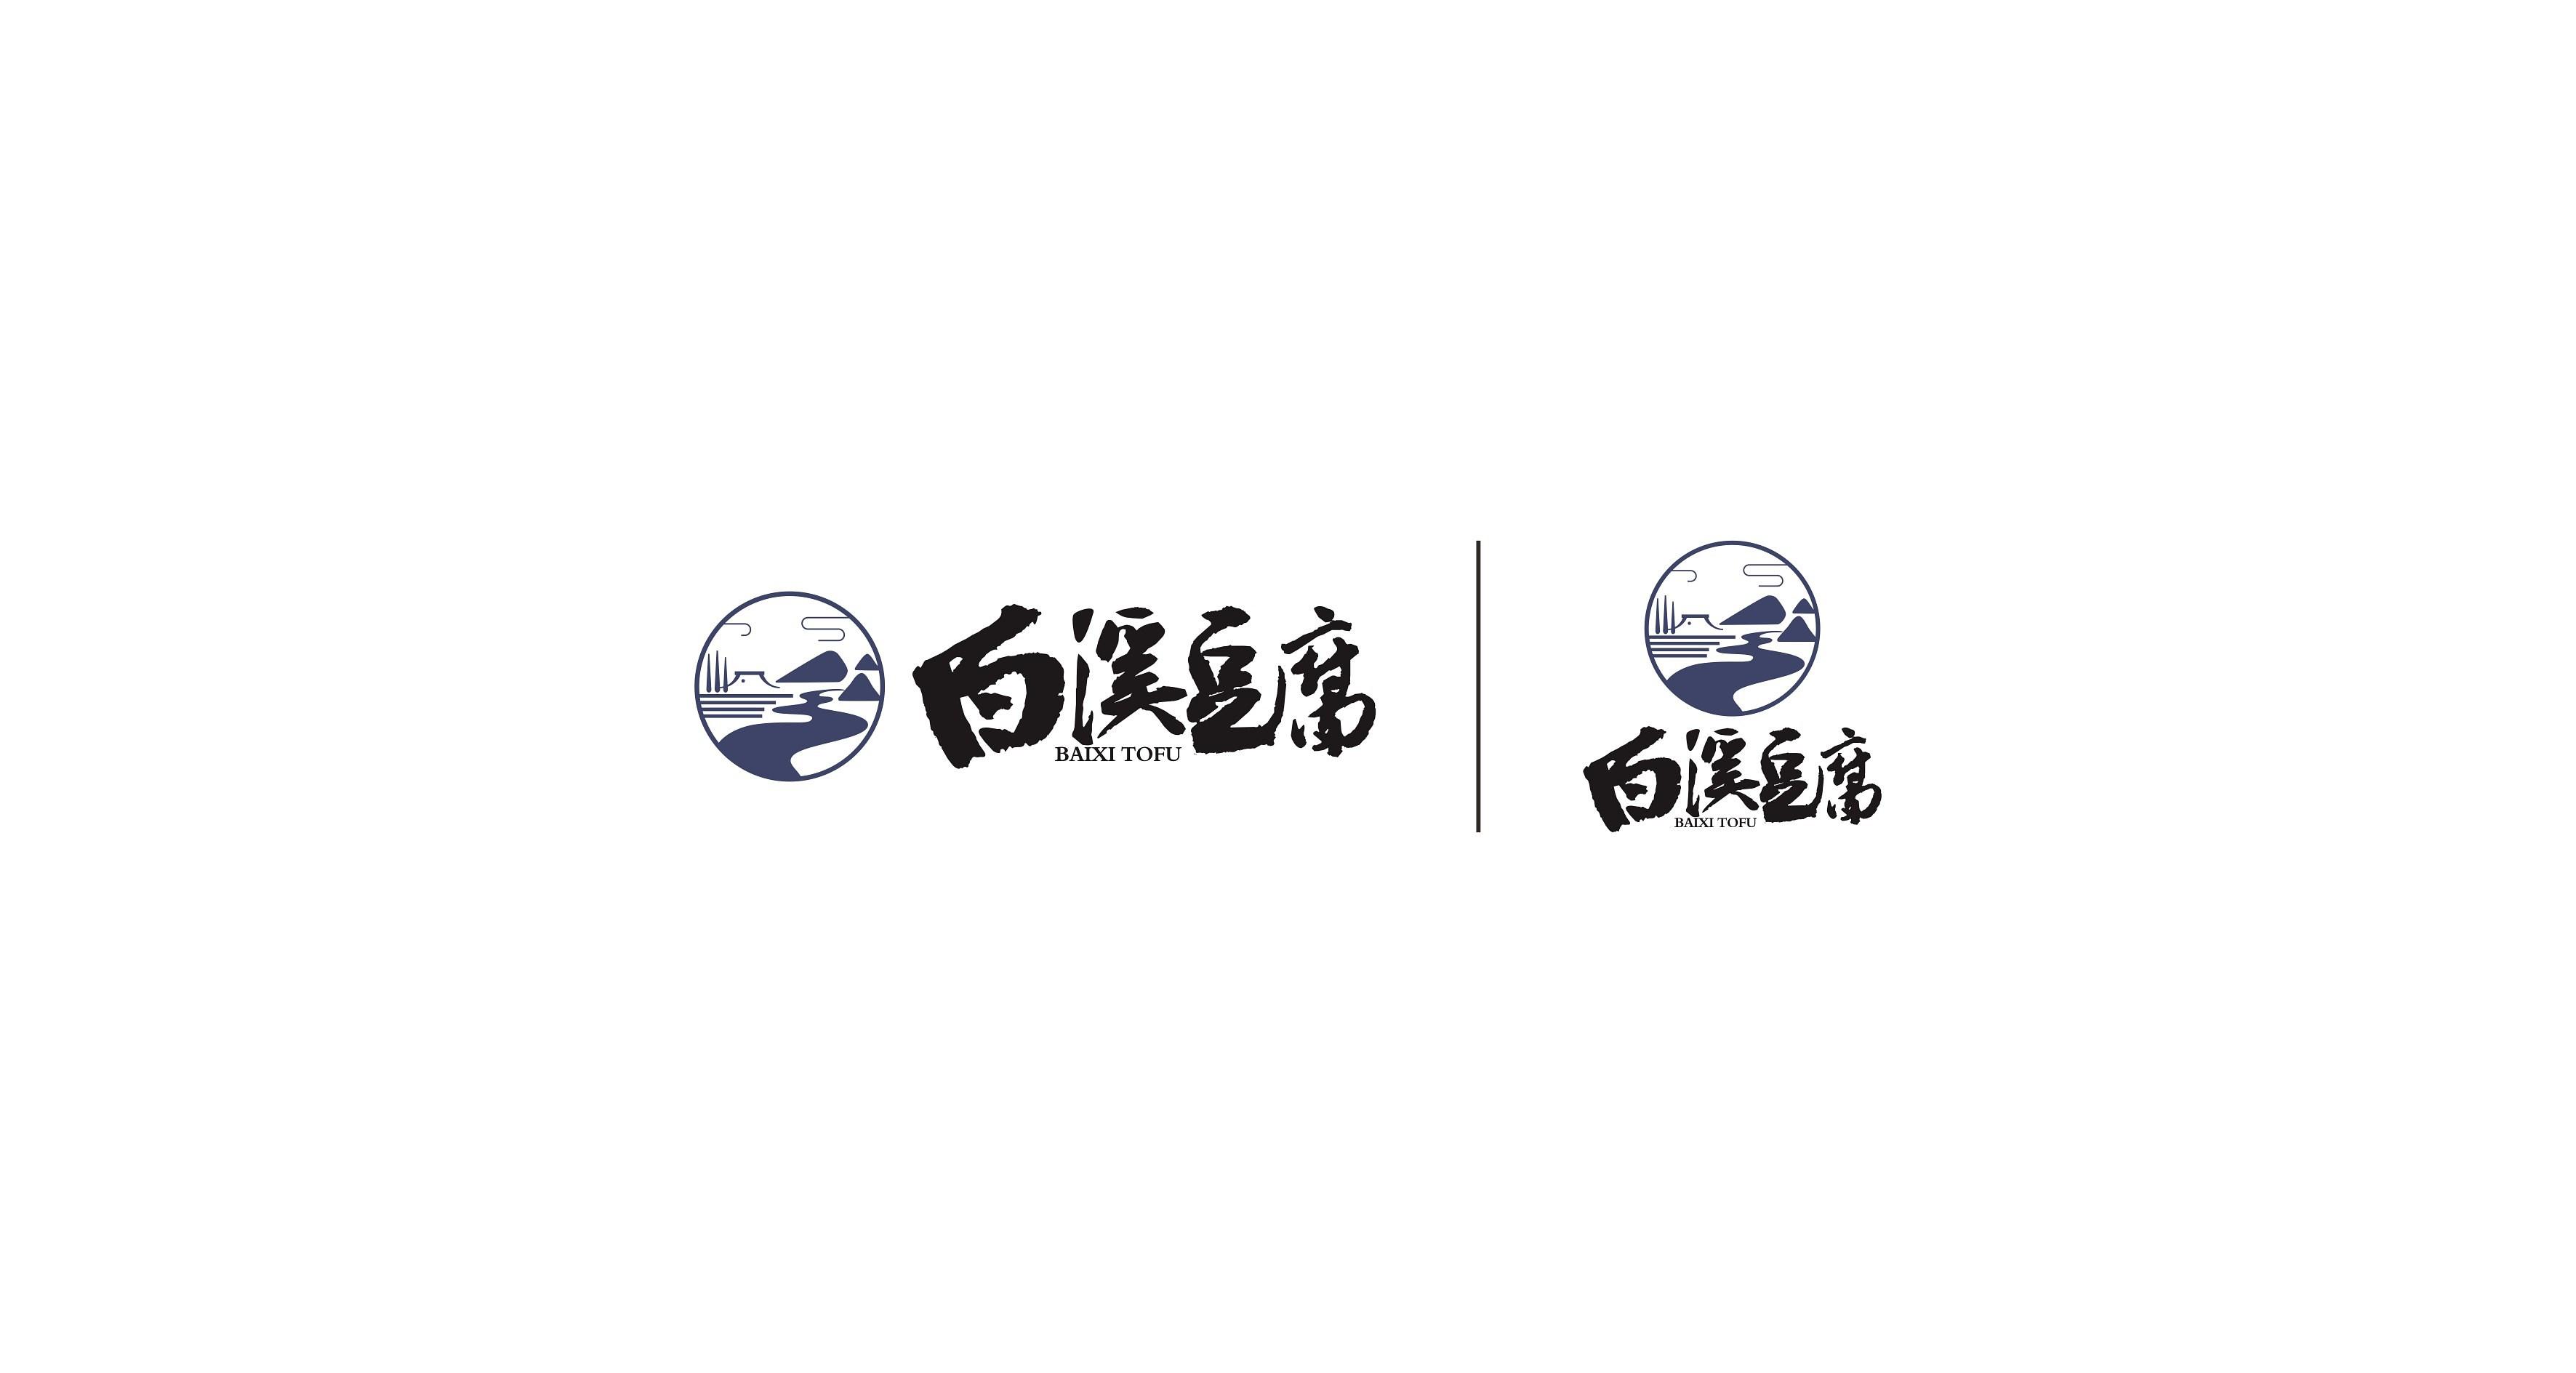 白溪豆腐_0007.JPG